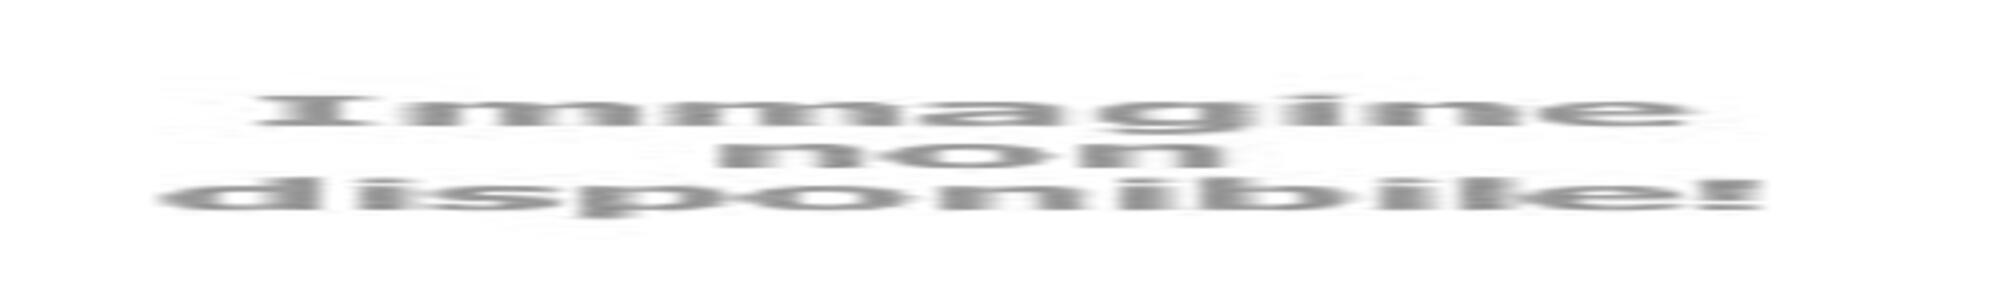 Offerta Motorshow Bologna in hotel vicino alla Fiera con servizio navetta